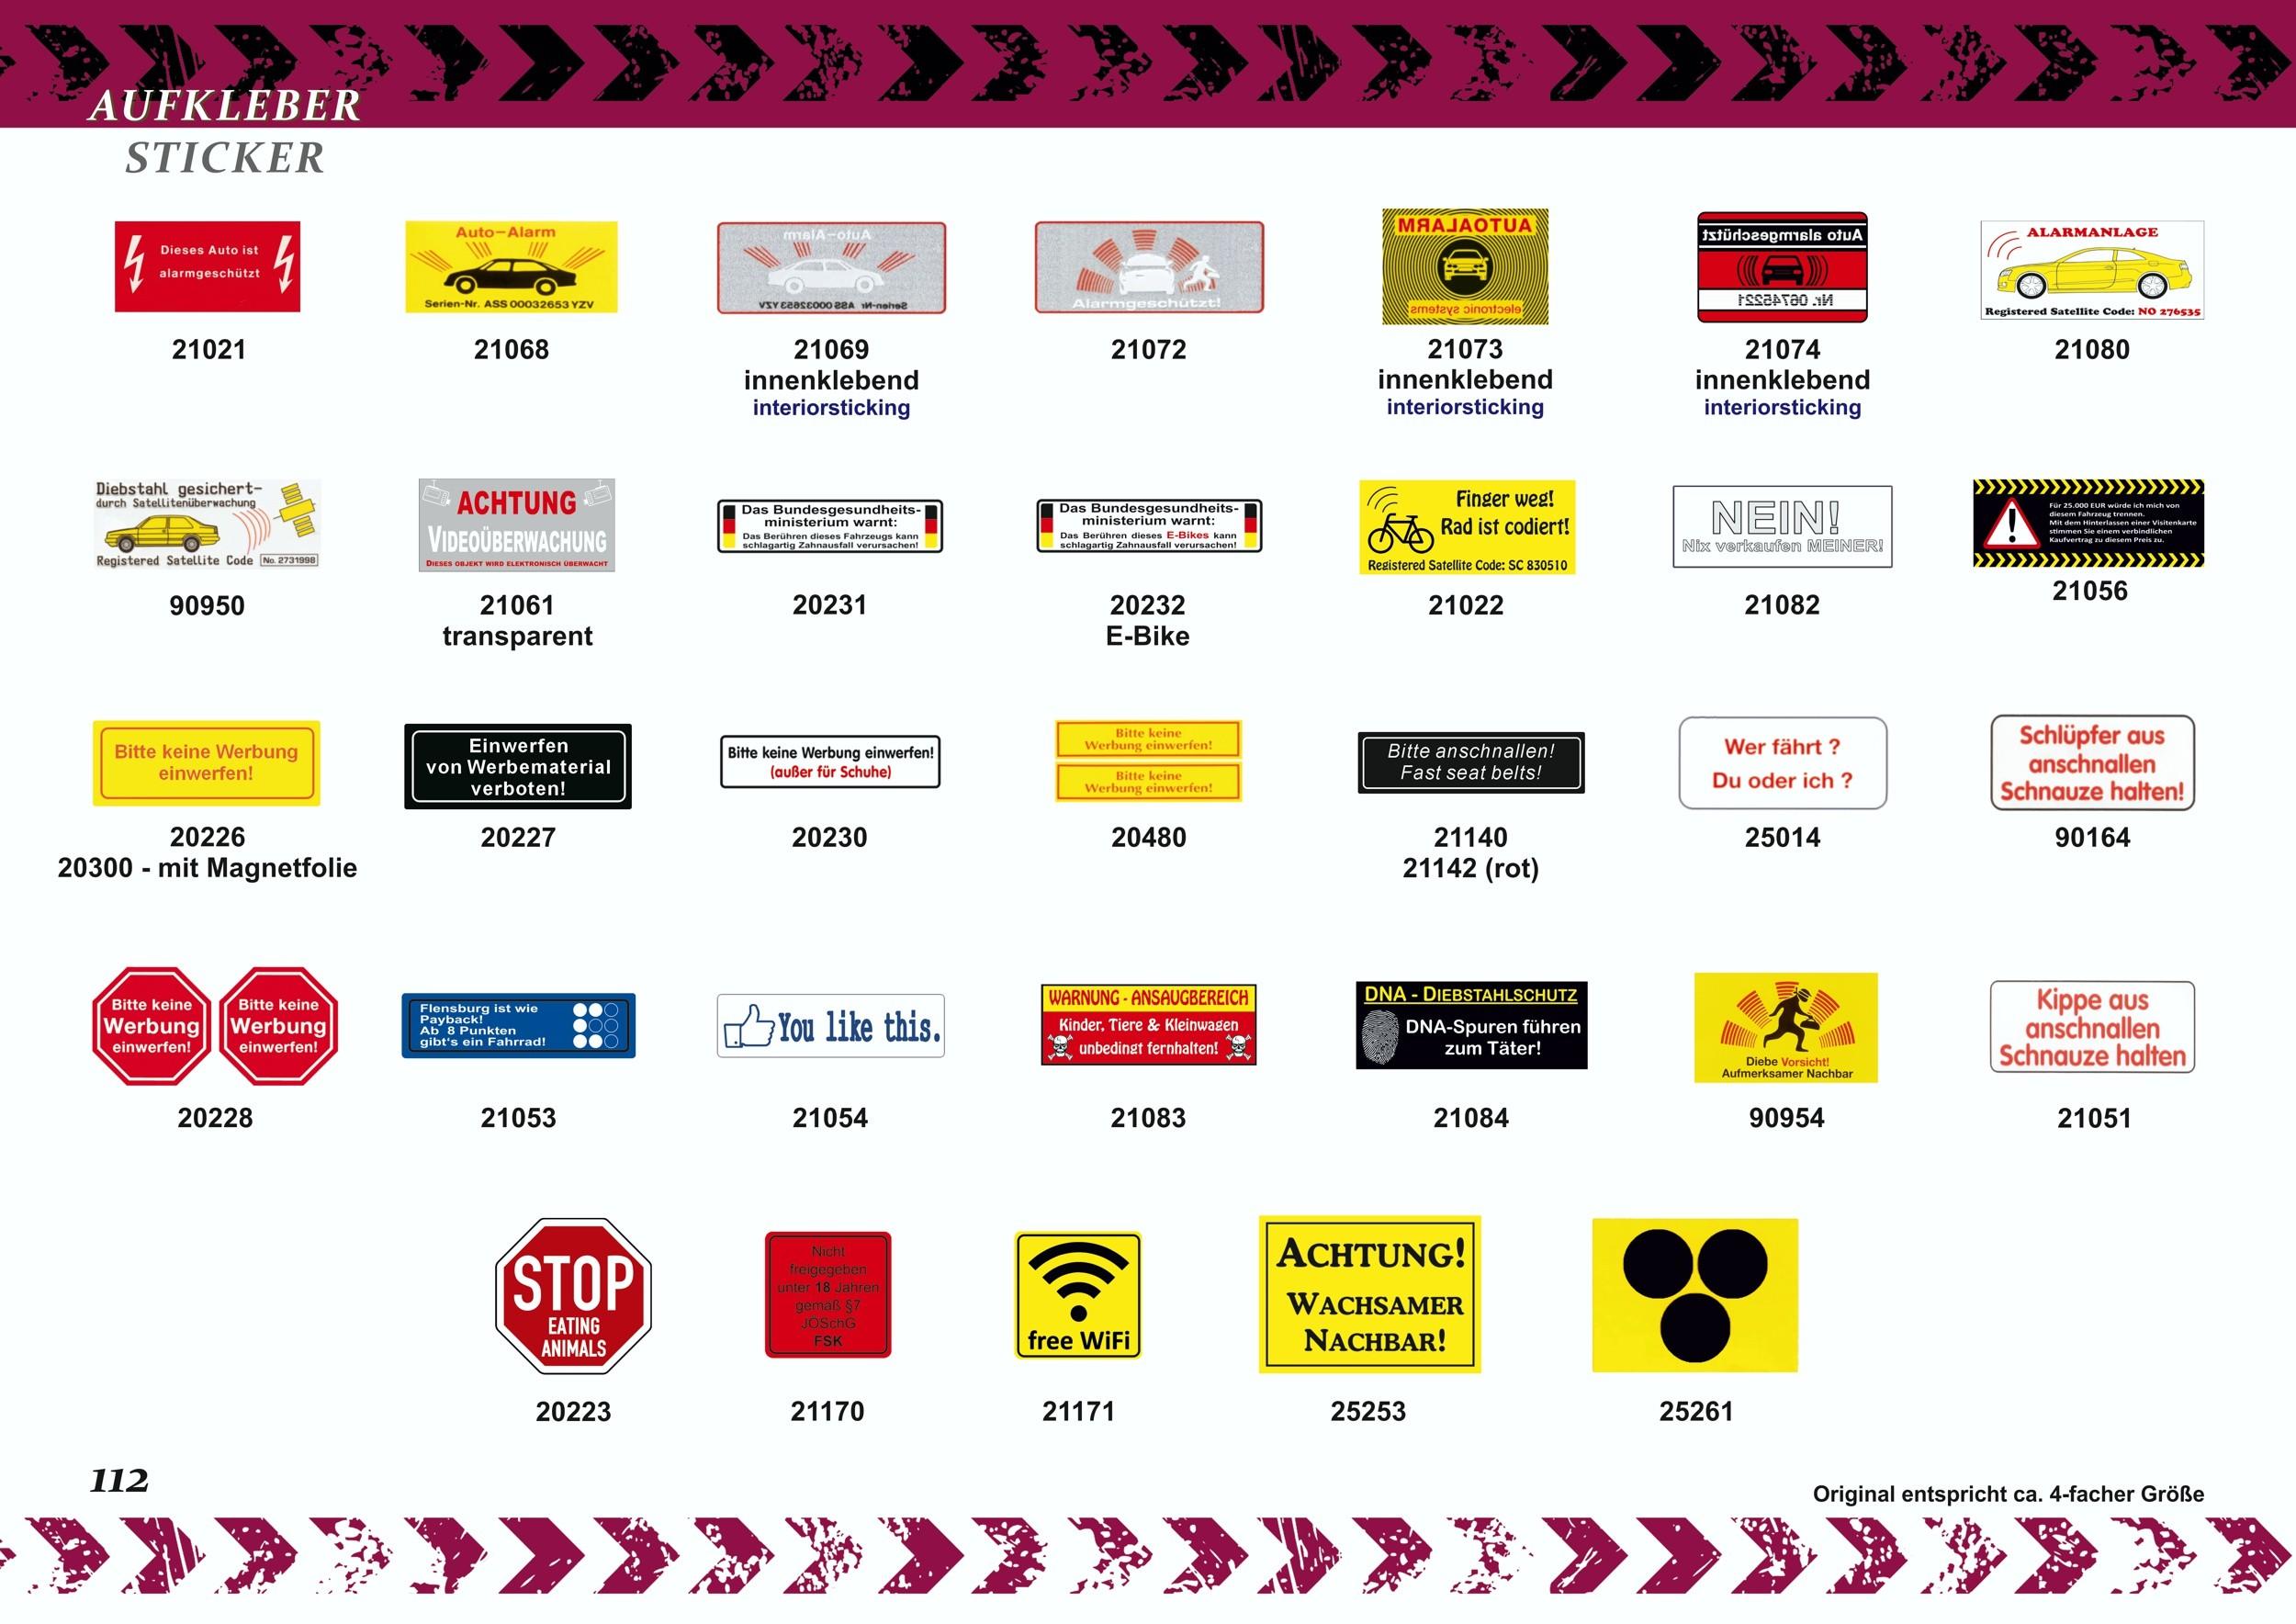 Aufkleber Reserviert für Nichtraucher weiß   150 x 40 mm – Bild 3